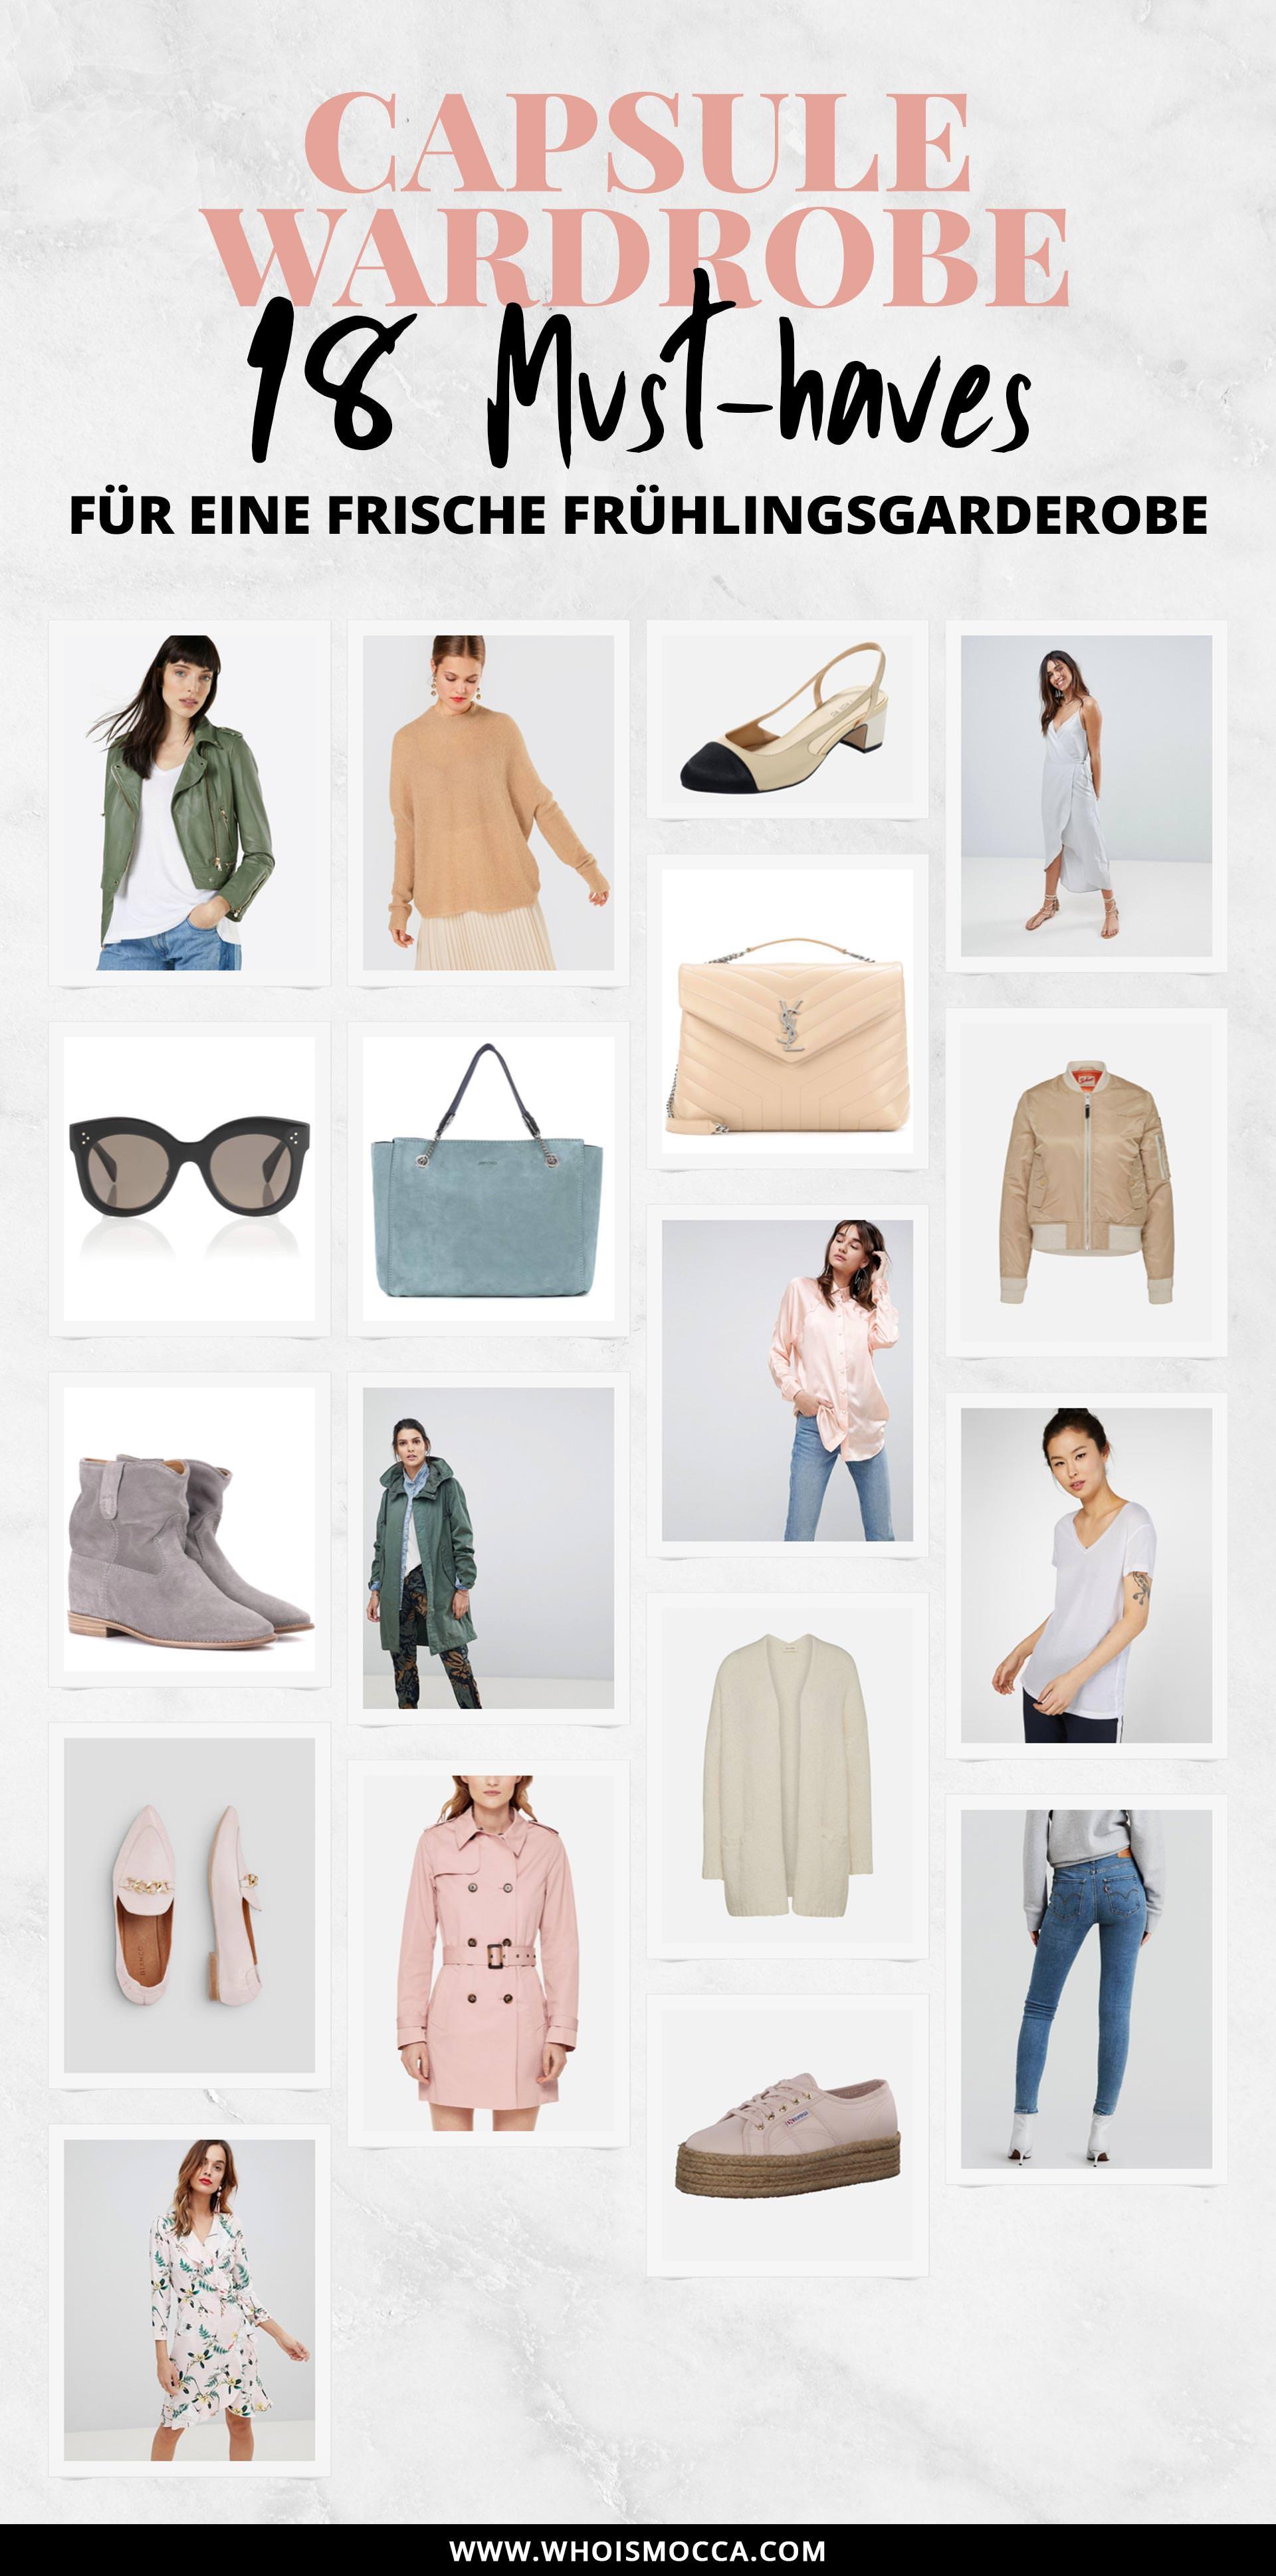 Capsule Wardrobe Essentials für den Frühling, Basics für den Kleiderschrank, Frühlingsgarderobe mit Wardrobe Essentials aufstocken, Outfit Basics online kaufen, Modeblogger, Mode Tipps, www.whoismocca.com